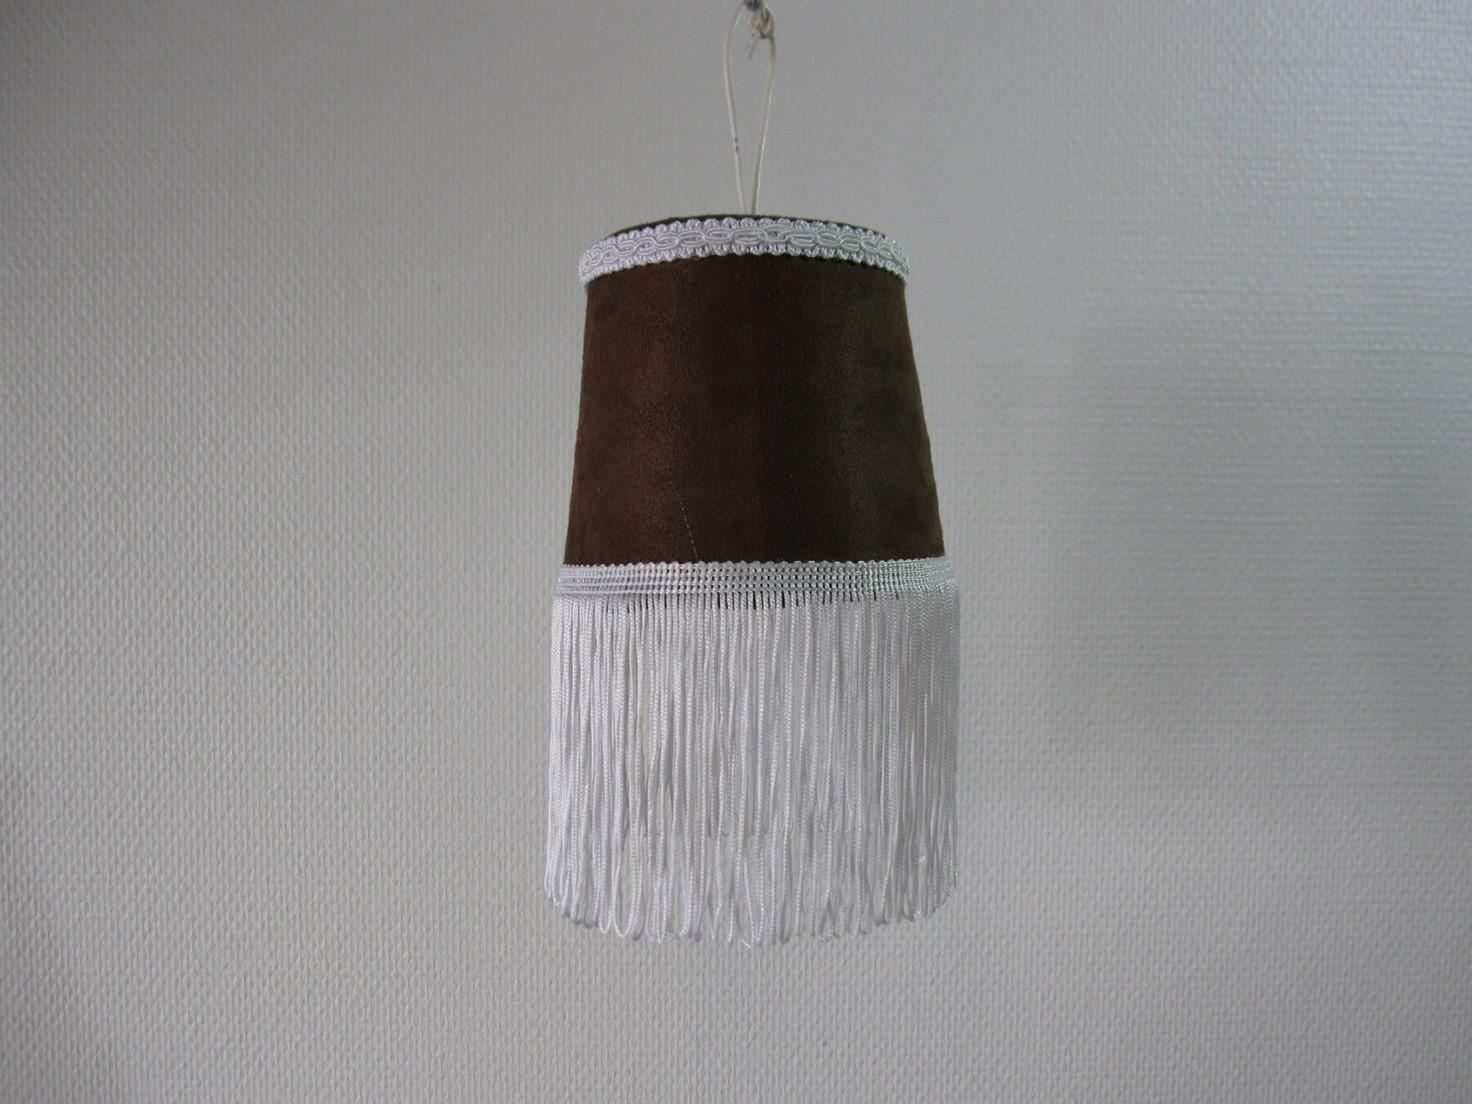 Alm. lampe i brun nuance med lang fryns